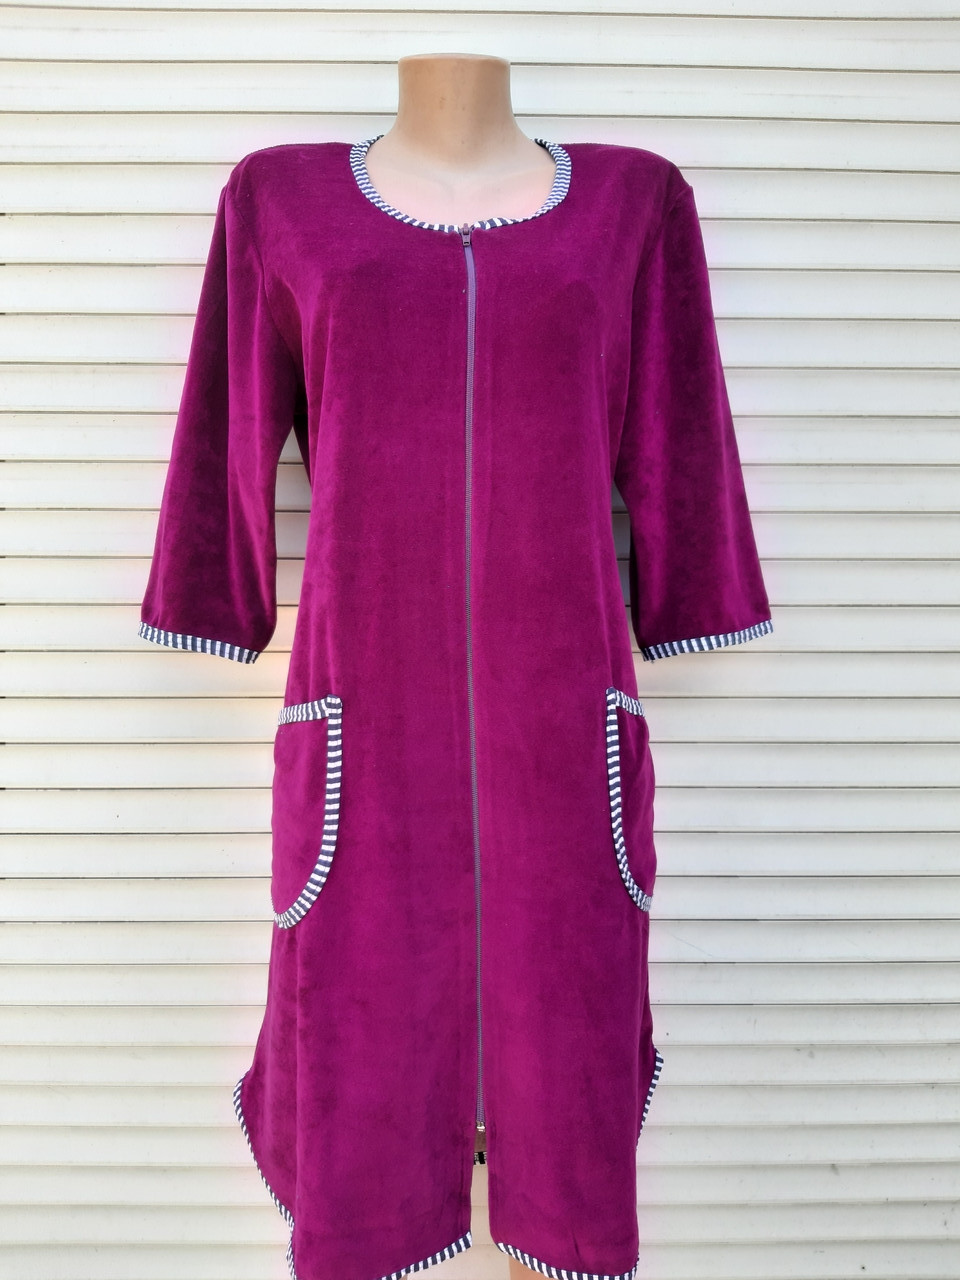 Женский велюровый халат 48 размер Теплый халат Домашний халат однотонный сиреневый